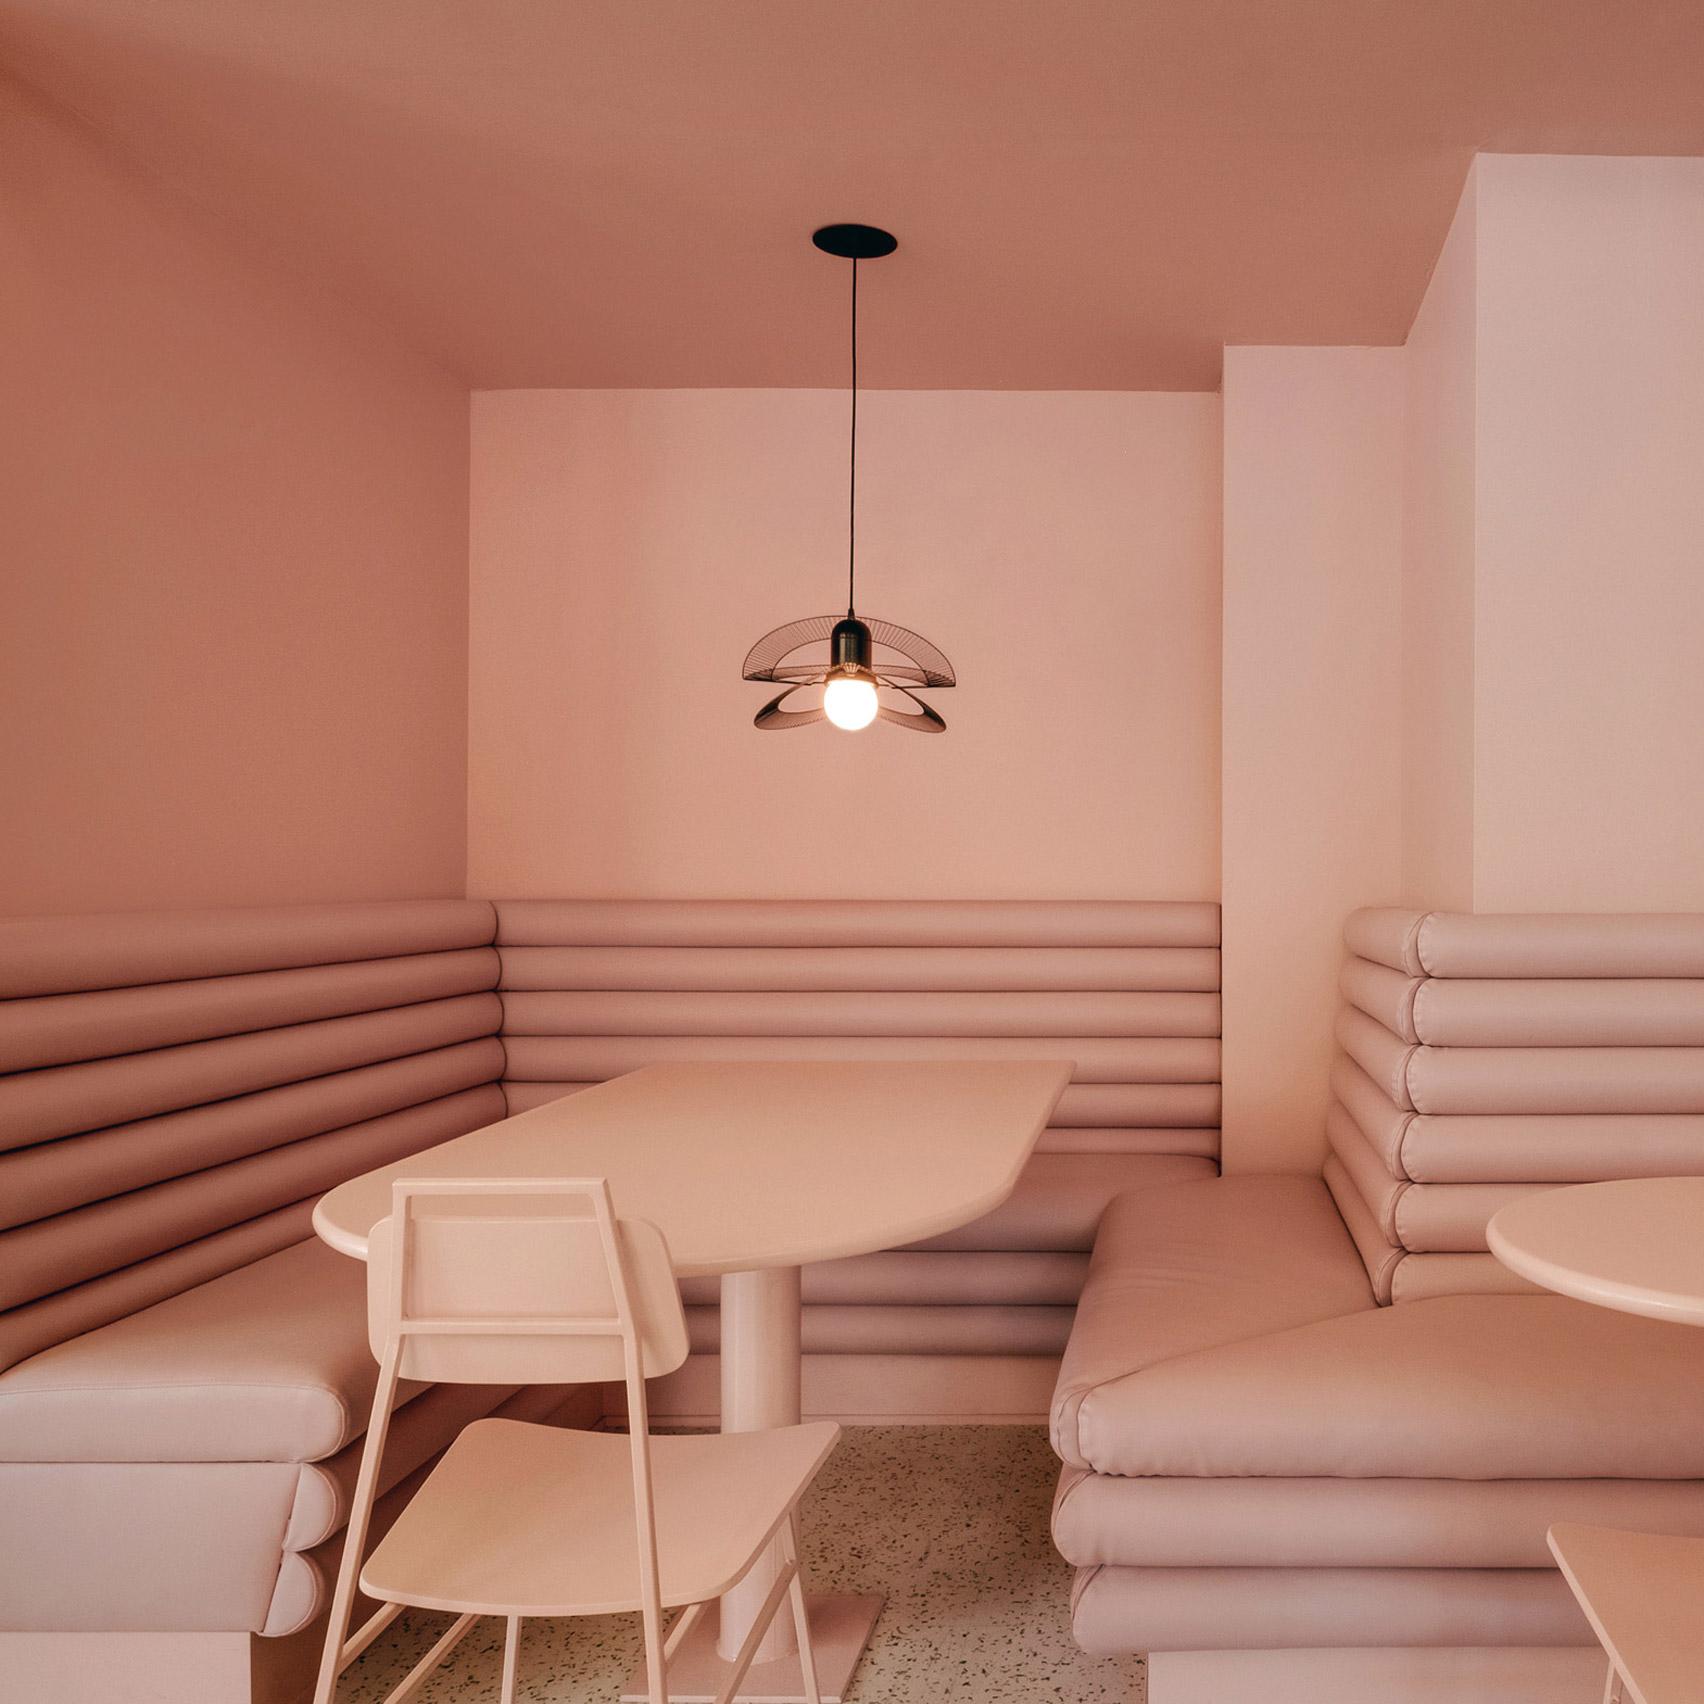 Pastel Rita (Монреаль, Канада) by Appareil Architecture